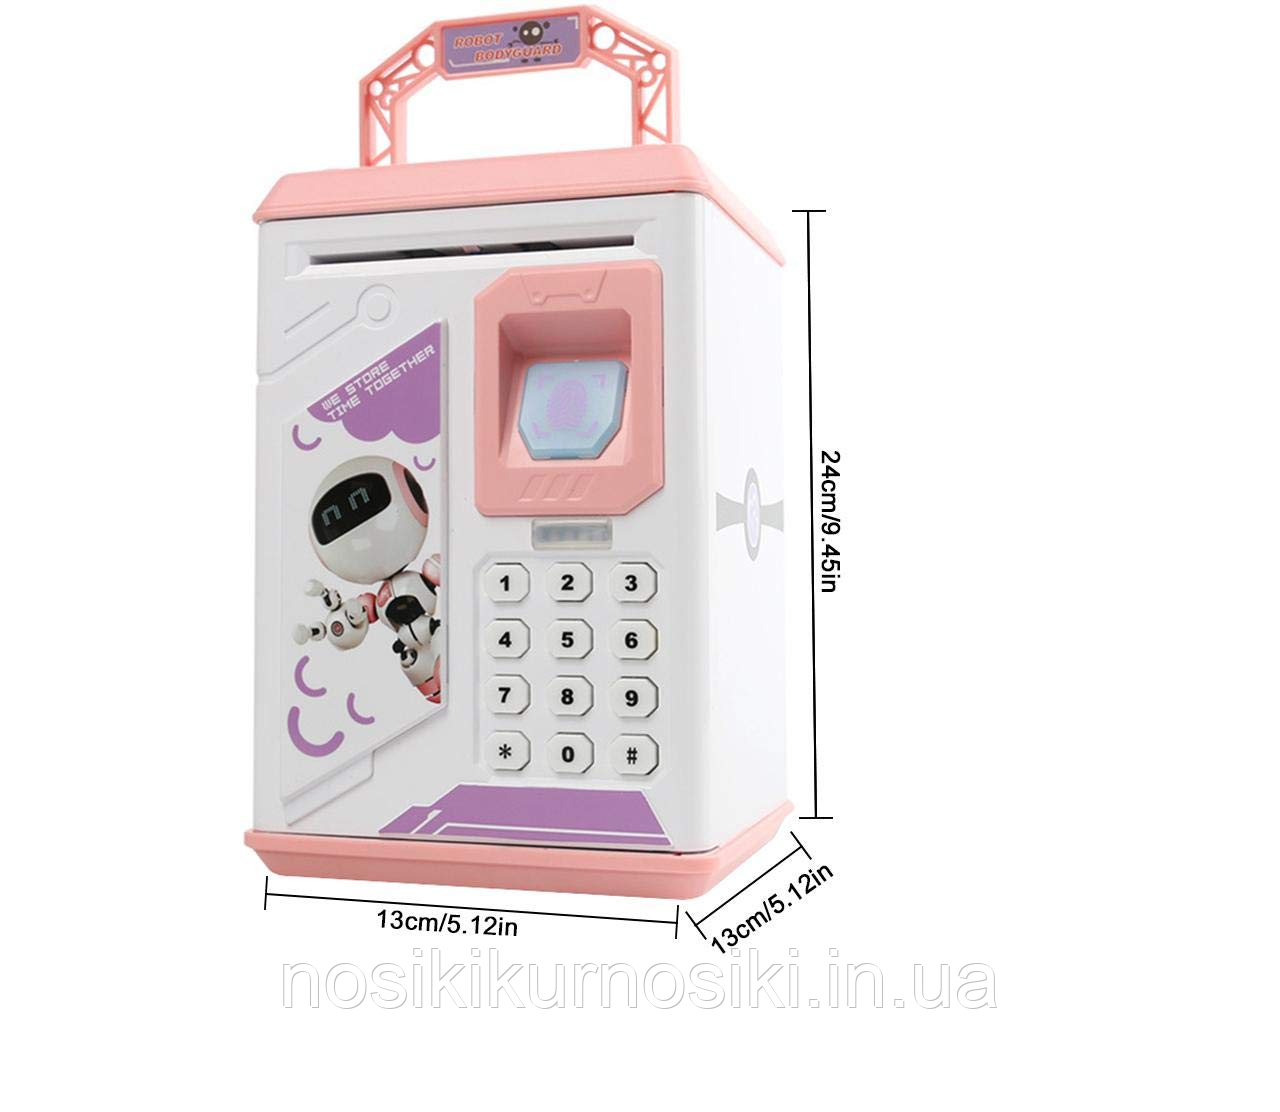 Детский сейф копилка с кодовым замком и отпечатком пальца арт 906, цвет розовый Robot Bodyguard